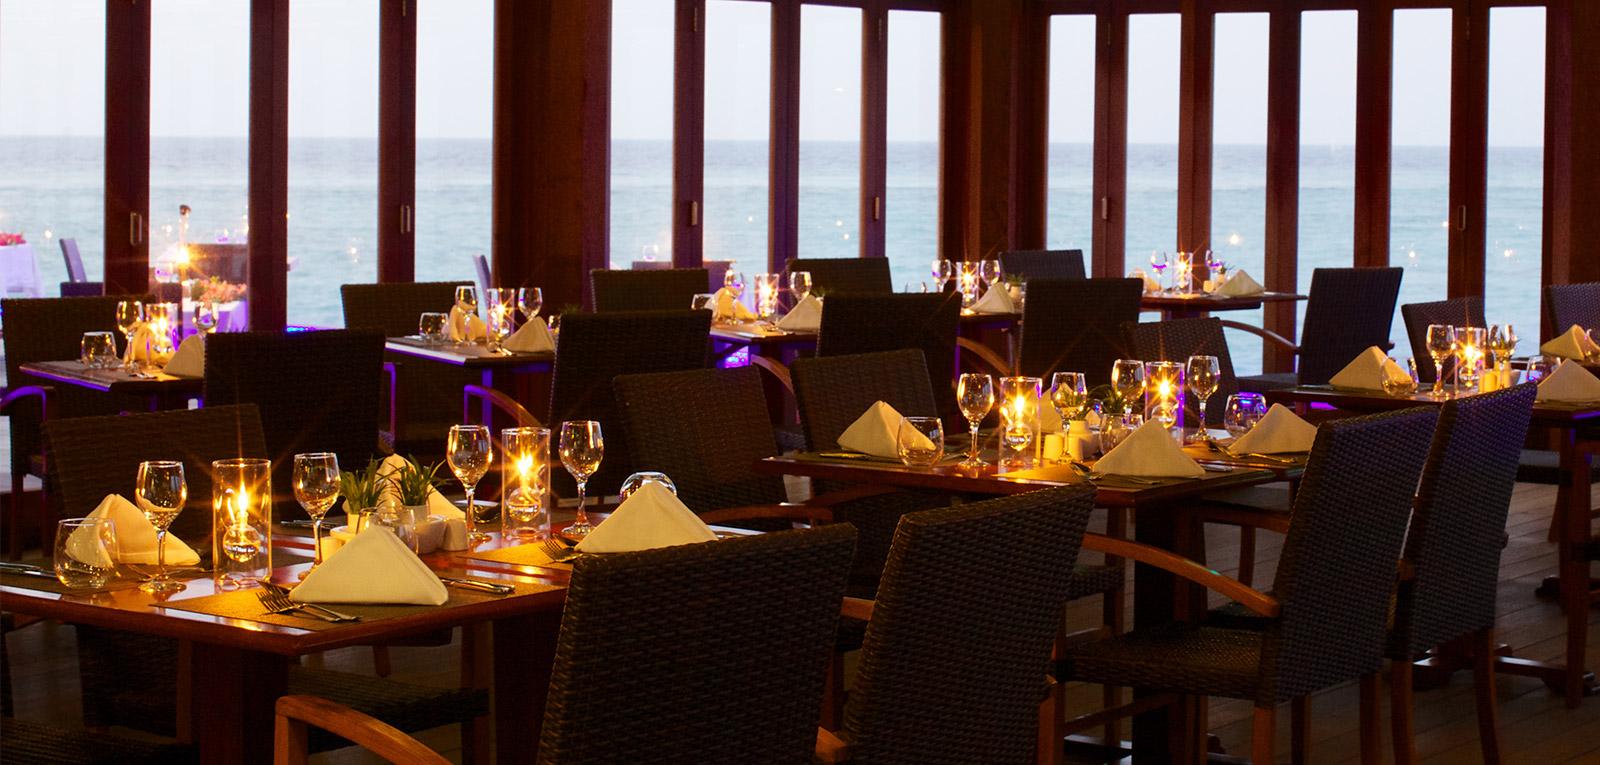 buffet restaurant in